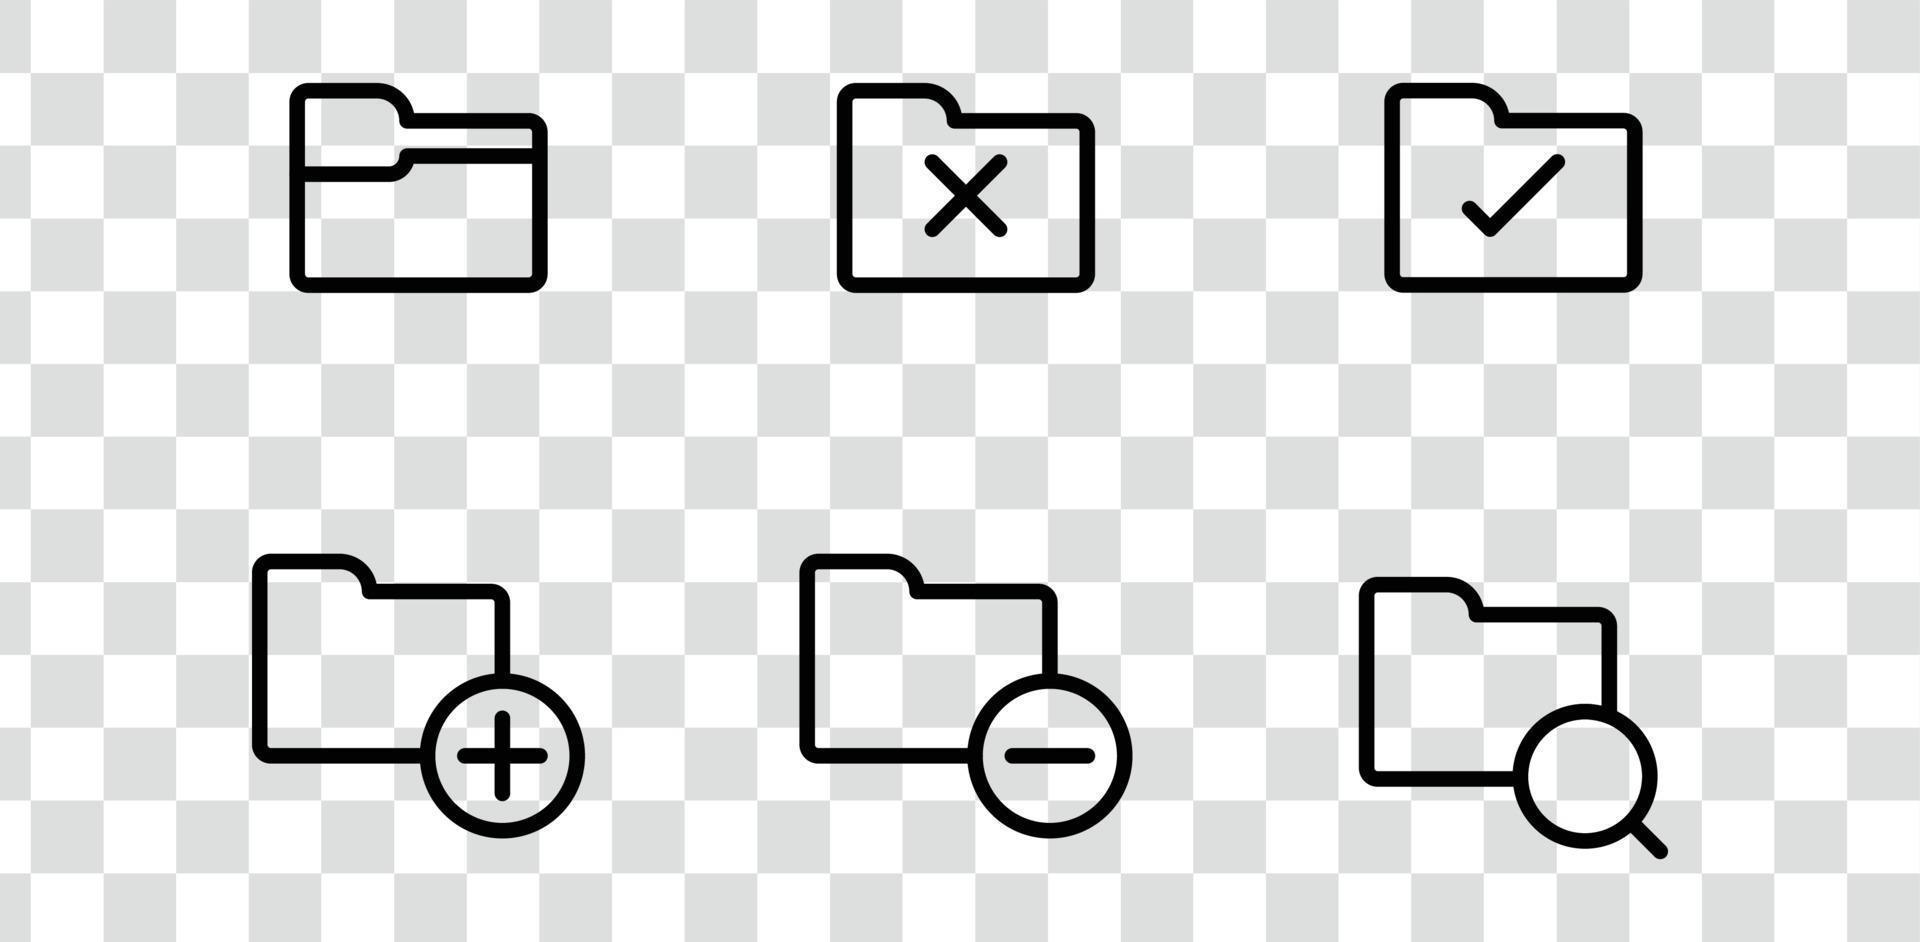 Ordnersymbole packen, suchen, archivieren, verifizieren, fehlerhafte Computervektorsymbole, die auf transparentem Hintergrund isoliert werden vektor